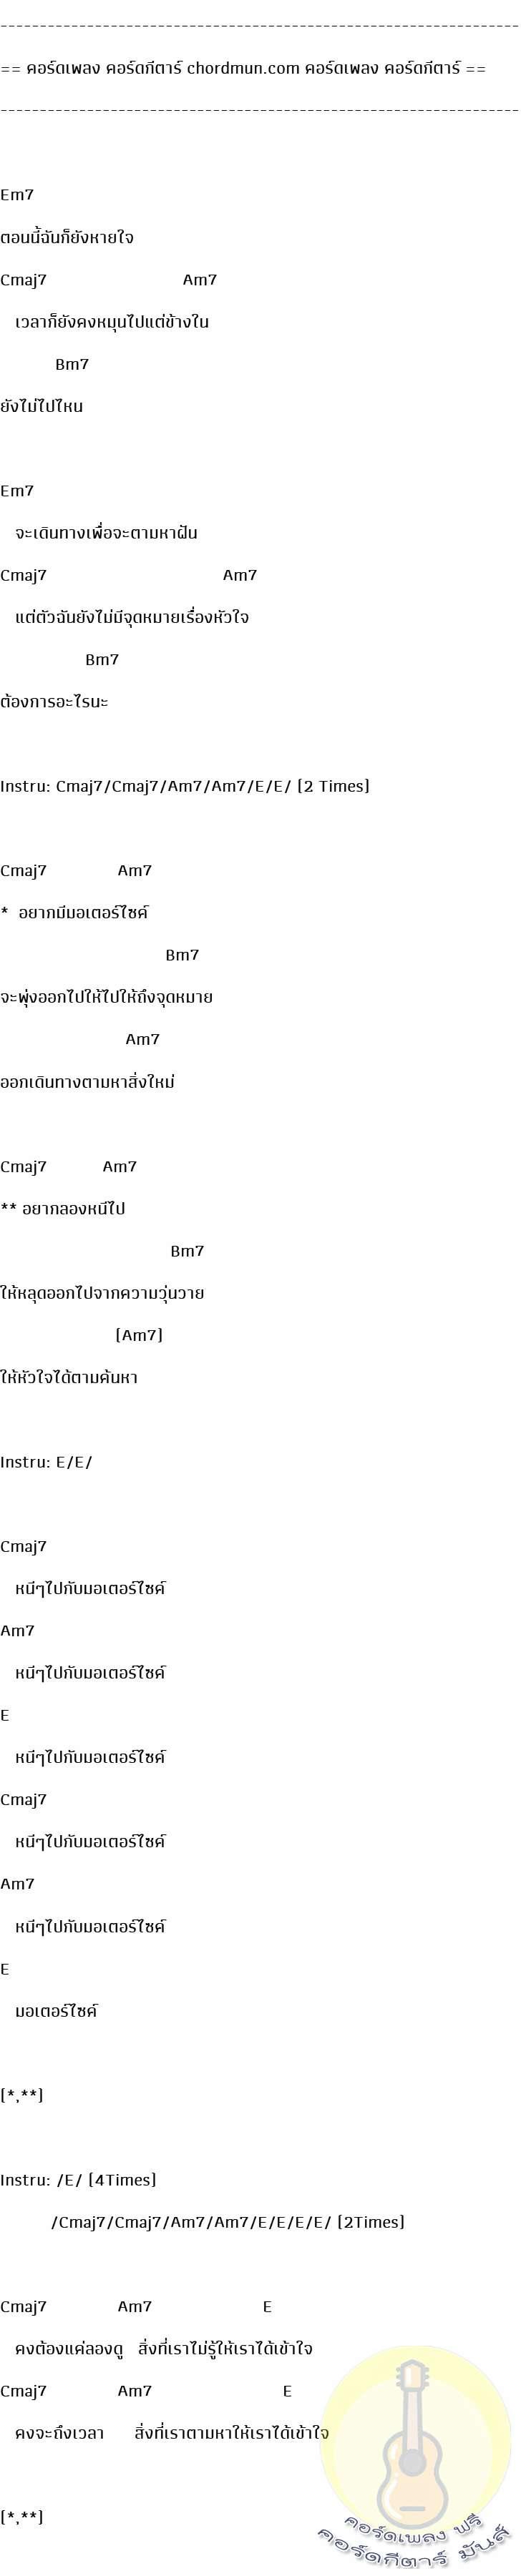 คอร์ดกีตาร์พื้นฐาน  เพลง มอเตอร์ไซค์